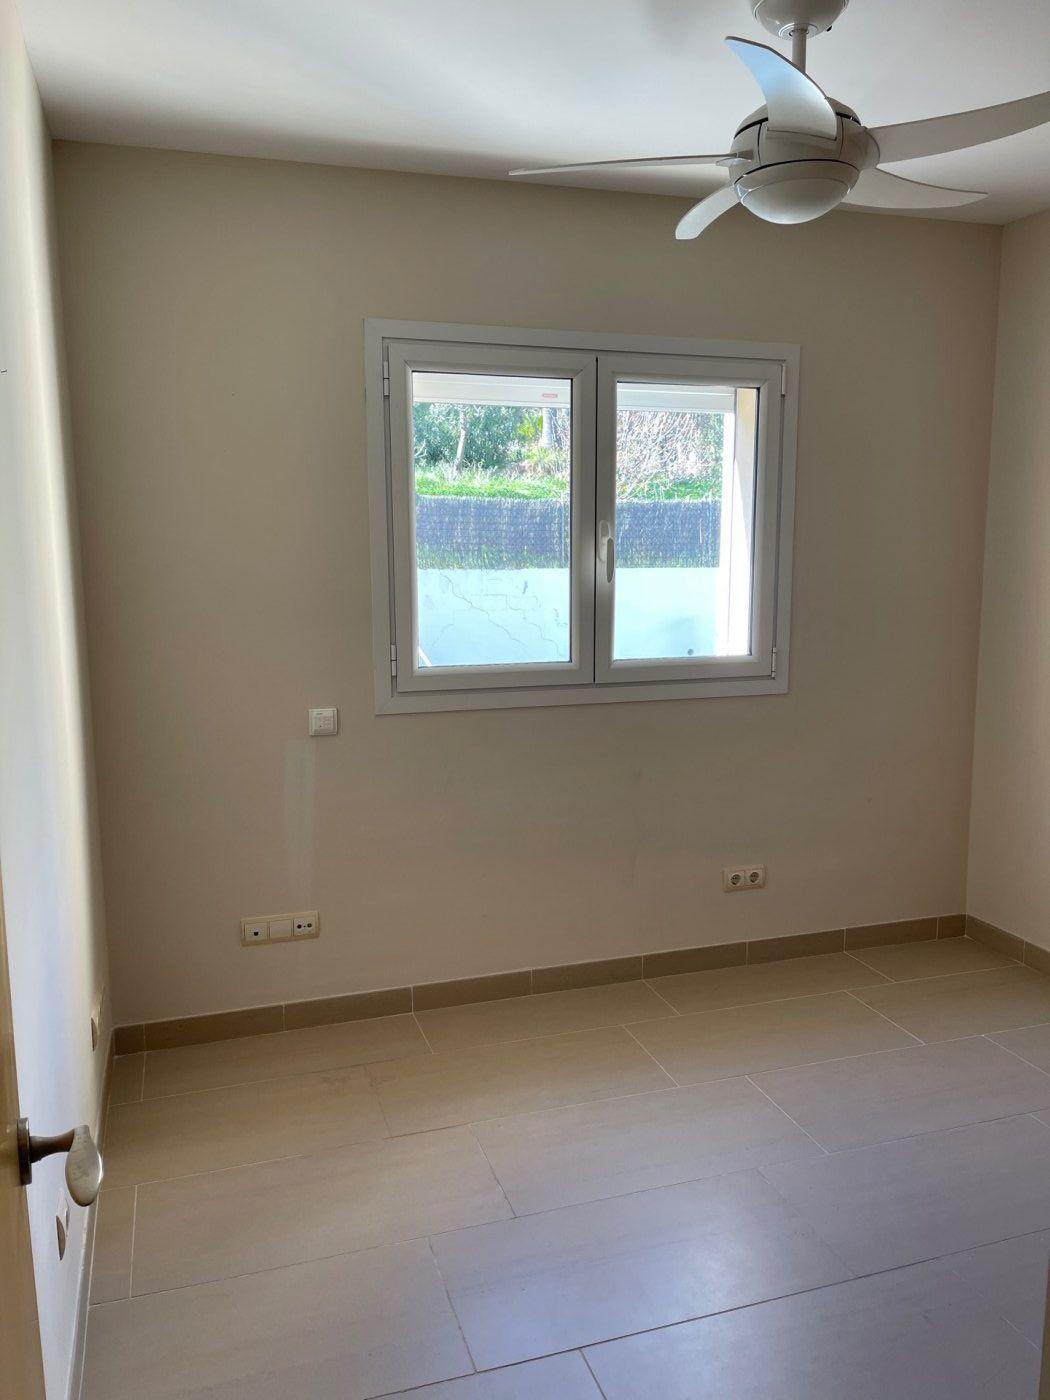 Elagante piso en alquiler en la zona de cas catalÁ, calviÁ - imagenInmueble16